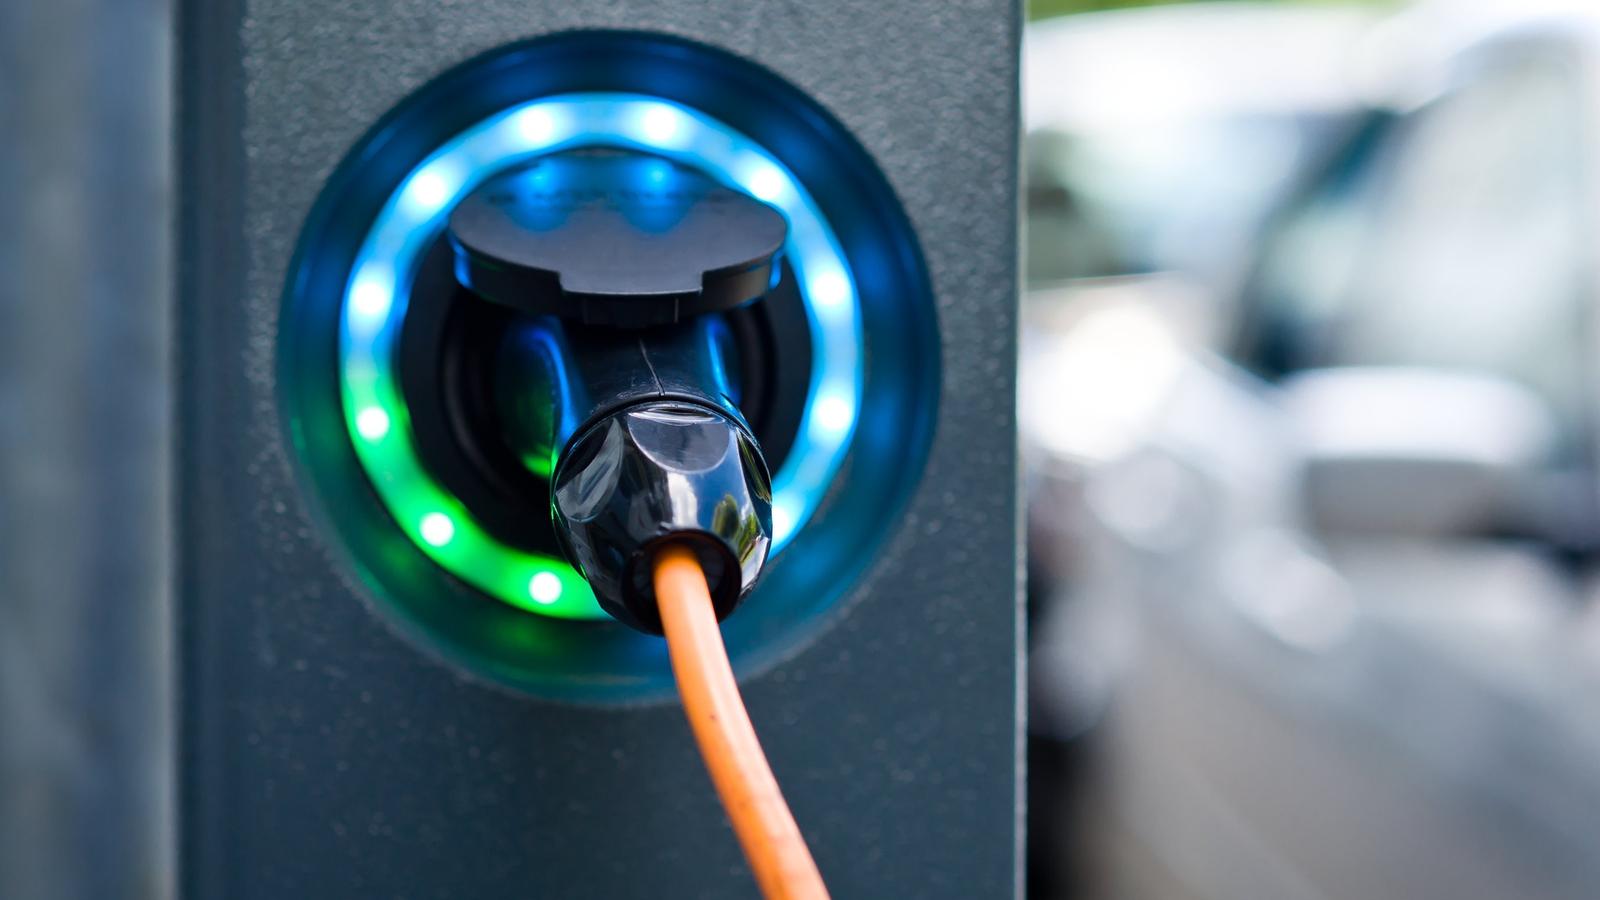 GM multiplie ses chargeurs pour véhicules électriques aux États-Unis et au Canada